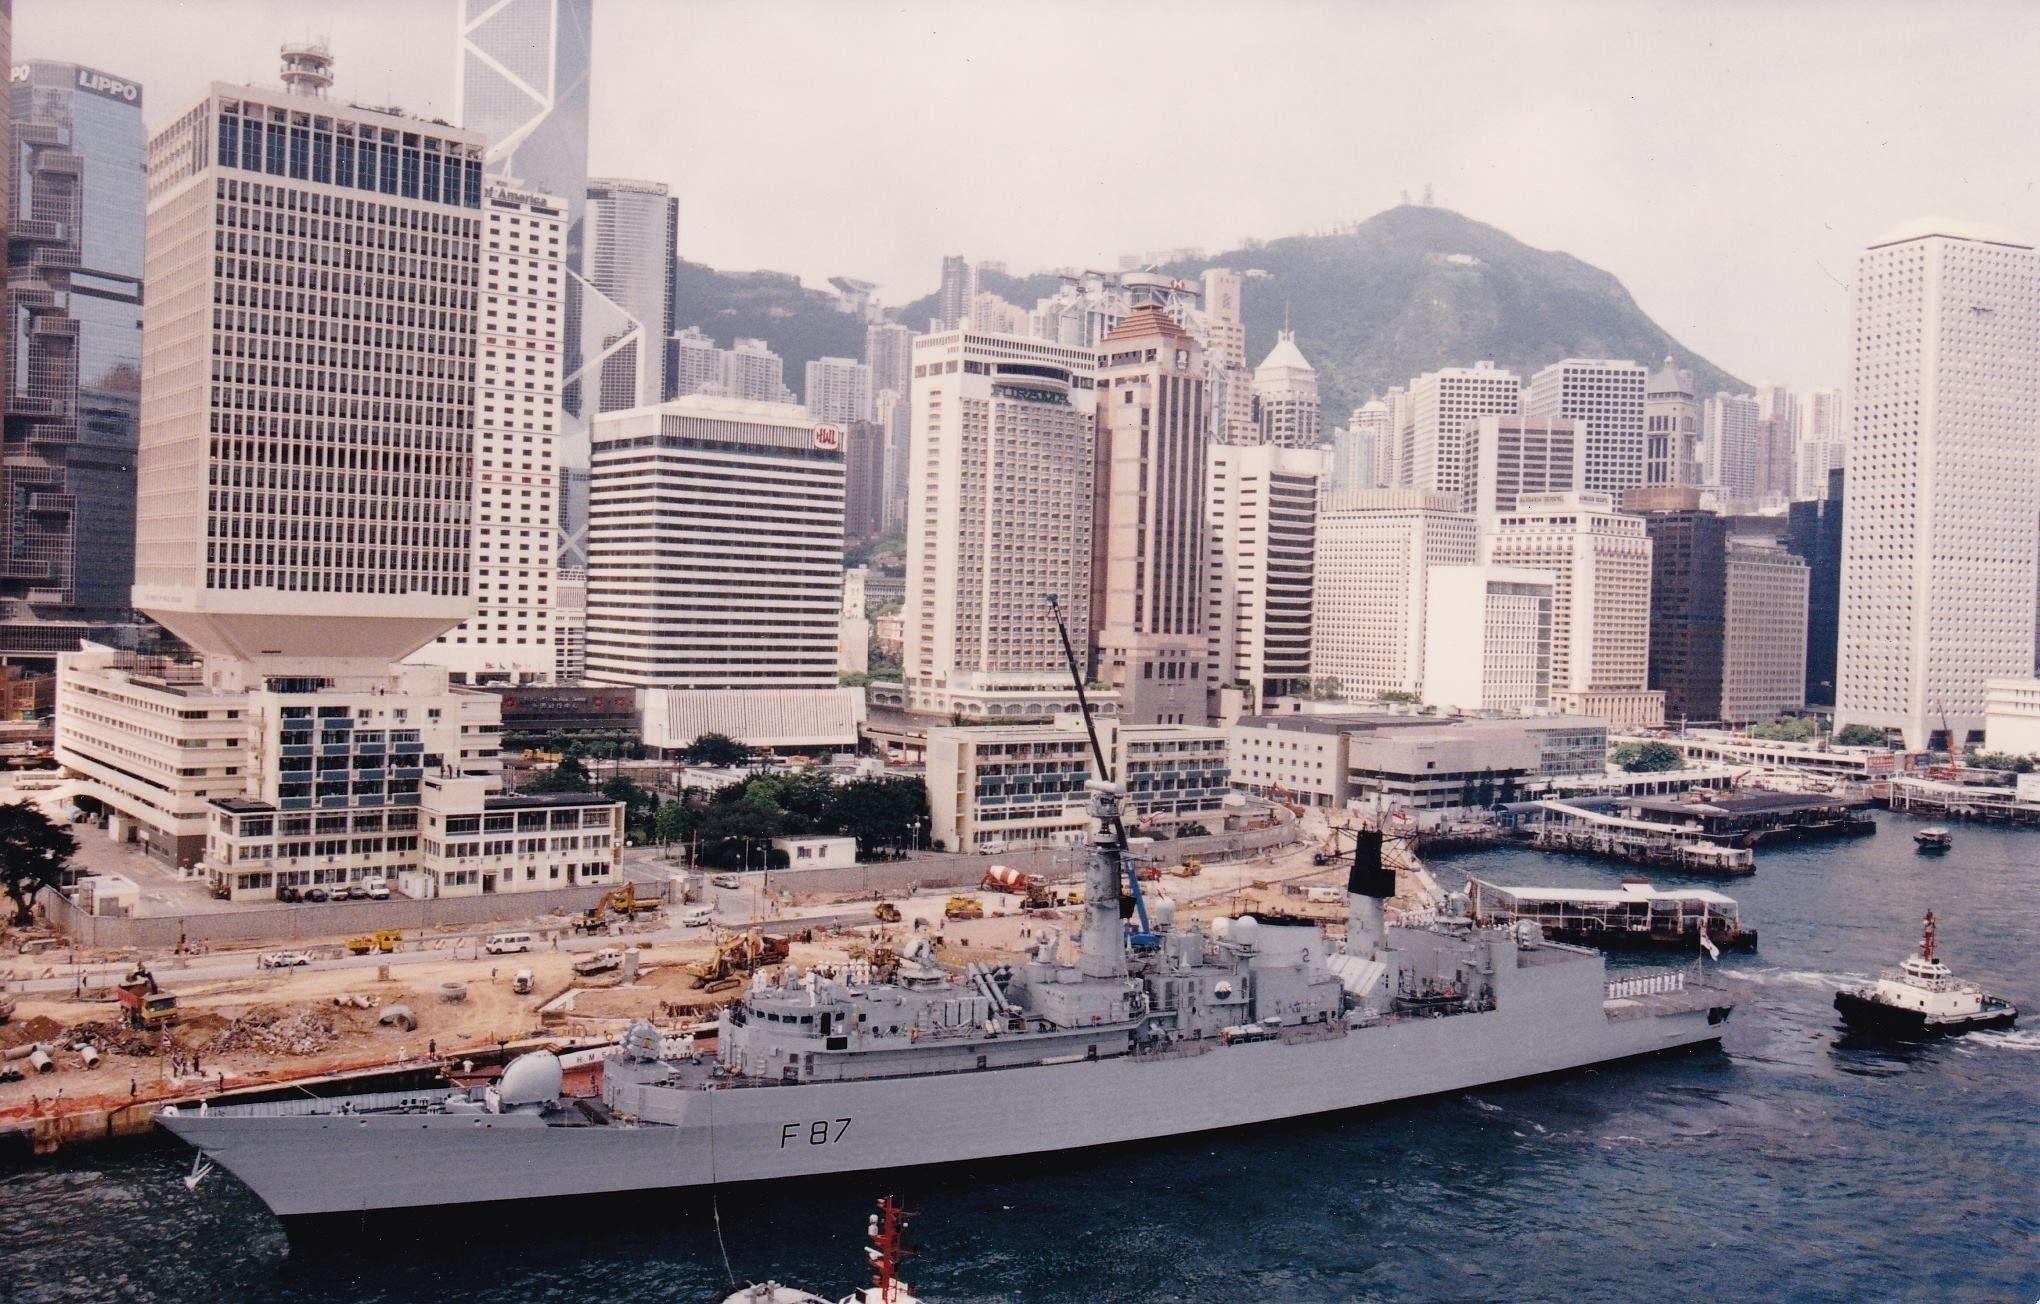 Hms Chatham Royal Navy Batch 3 Type 22 Frigate Docking At Hms Tamar Hong Kong In The 1990s Royal Navy Ships History Of Hong Kong Royal Navy